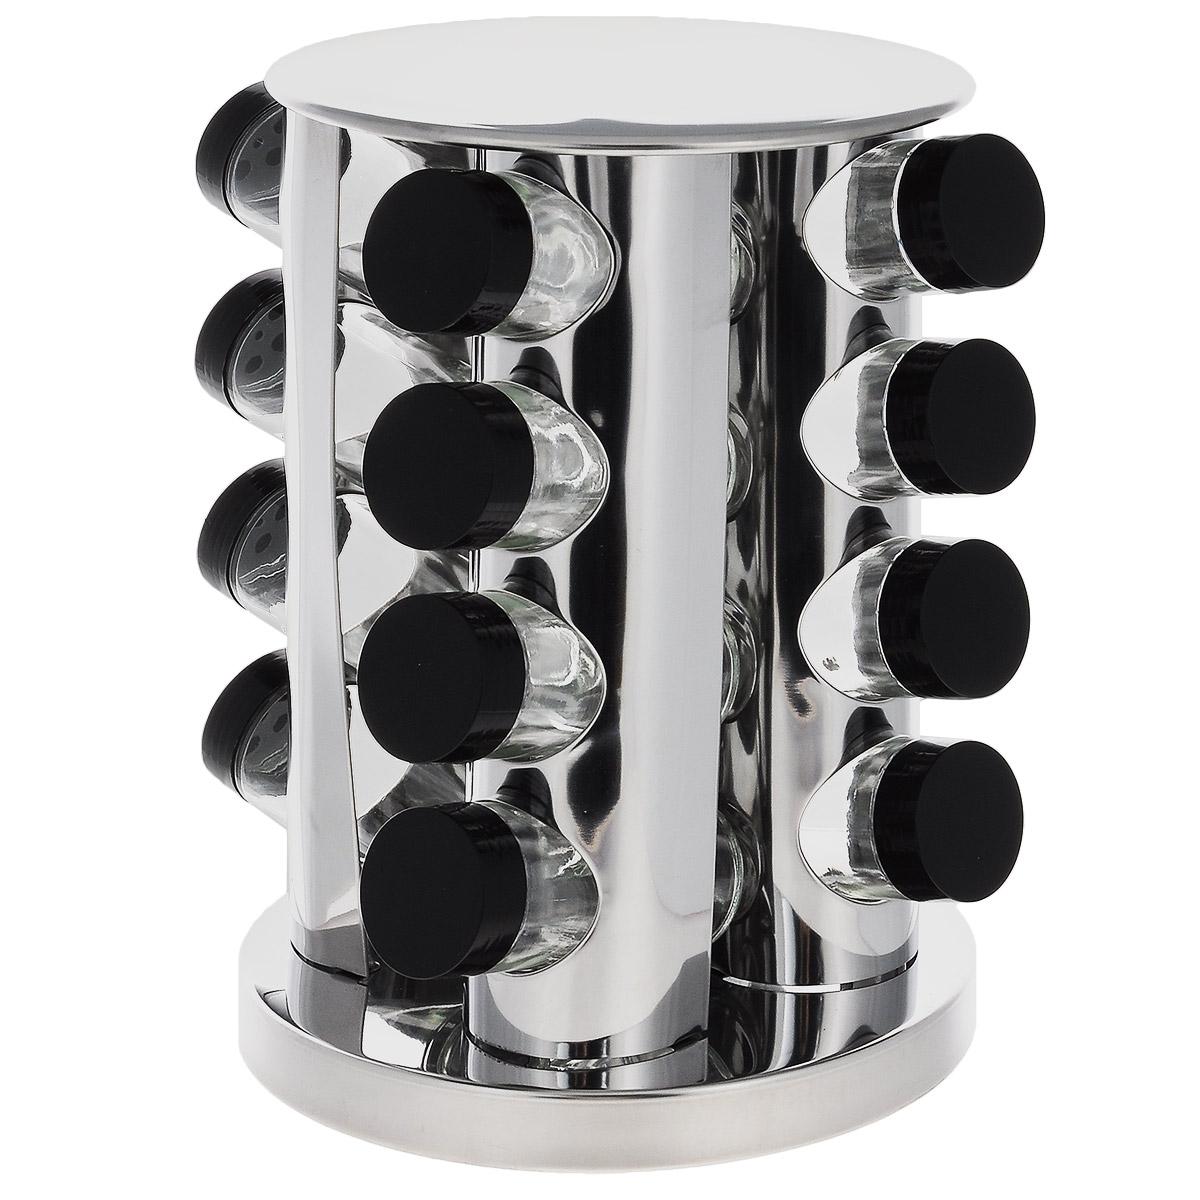 Набор для специй Mayer & Boch, 17 предметов. 2329223292Набор для специй Mayer & Boch состоит из 16 баночек для специй и подставки. Баночки выполнены из высококачественного стекла и оснащены пластиковыми крышками черного цвета. Крышки плотно закручиваются, предотвращая просыпание. Герметичное закрытие обеспечит самое лучшее хранение: специи всегда будут свежими. Прозрачные стенки позволяют видеть содержимое баночек. Баночки можно наполнять любыми используемыми вами специями. Стильная вращающаяся подставка, изготовленная из нержавеющей стали, делает хранение баночек более удобным. Данный набор подходит для любой кухни. Модный, элегантный дизайн сделает набор прекрасным украшением кухни. Наслаждайтесь приготовлением пищи с набором для специй Mayer & Boch. Объем баночки: 85 мл. Диаметр баночки: 4,3 см. Высота баночки: 9,5 см. Размер подставки (ДхШхВ): 19 см х 19 см х 28 см.